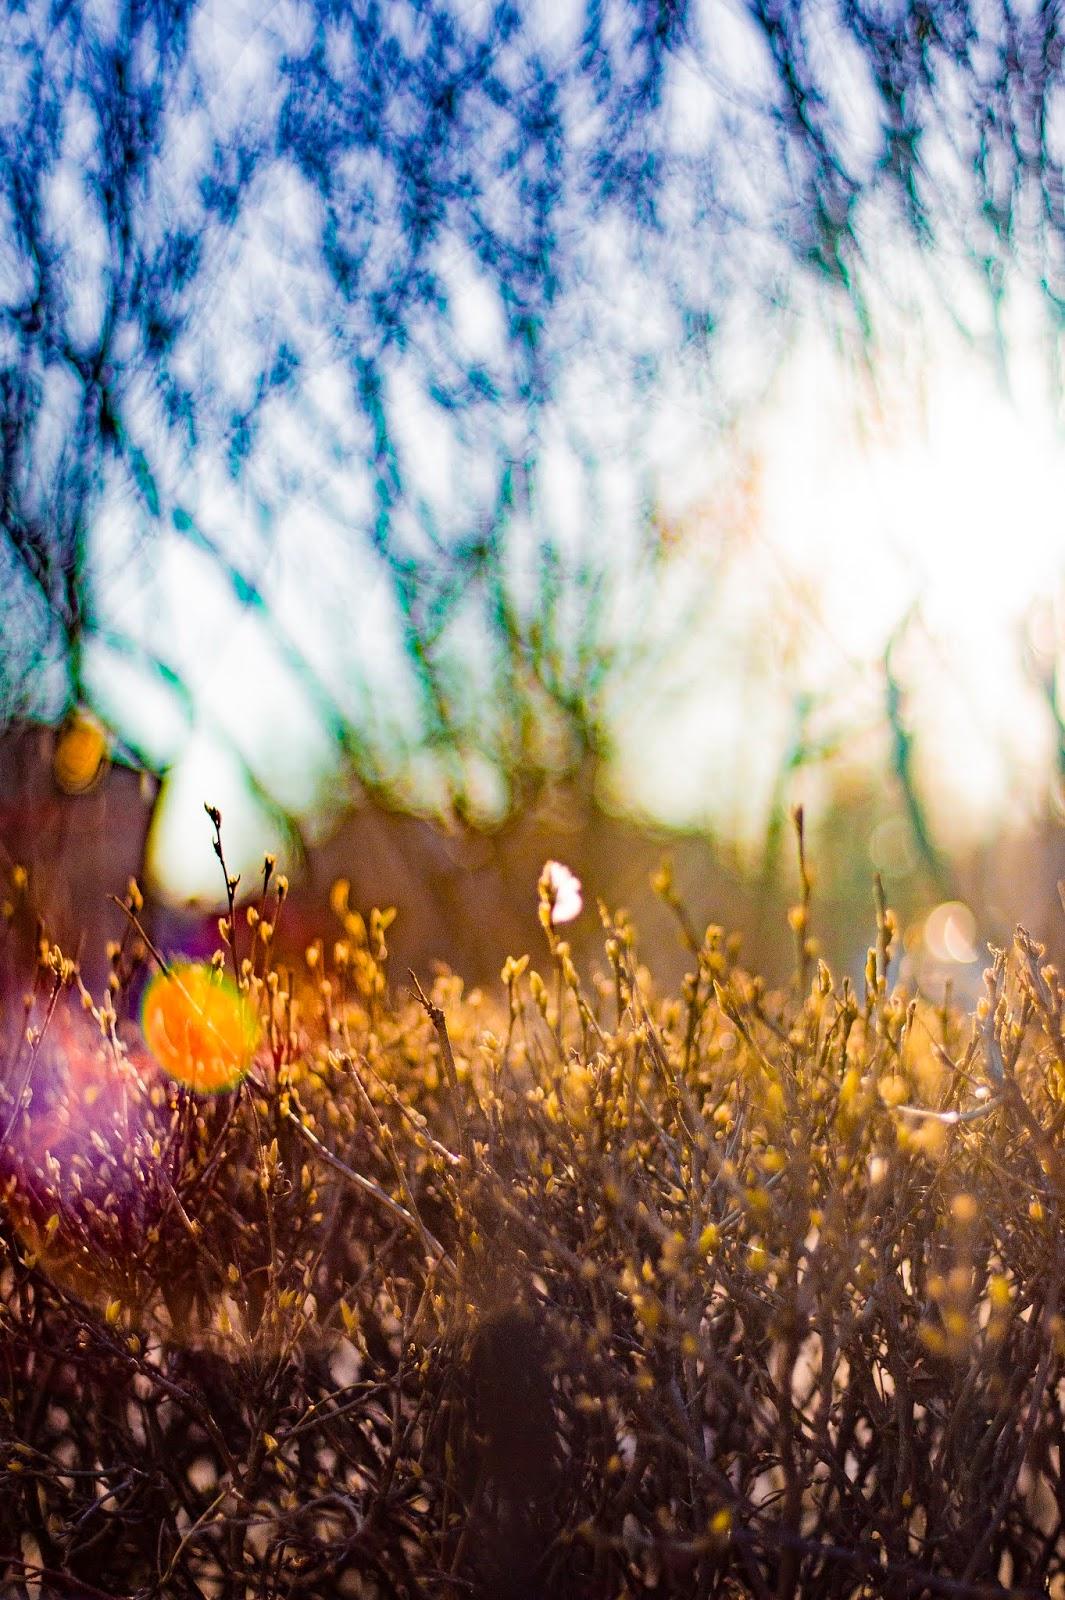 весна цветение тепло природа парк Питер солнце